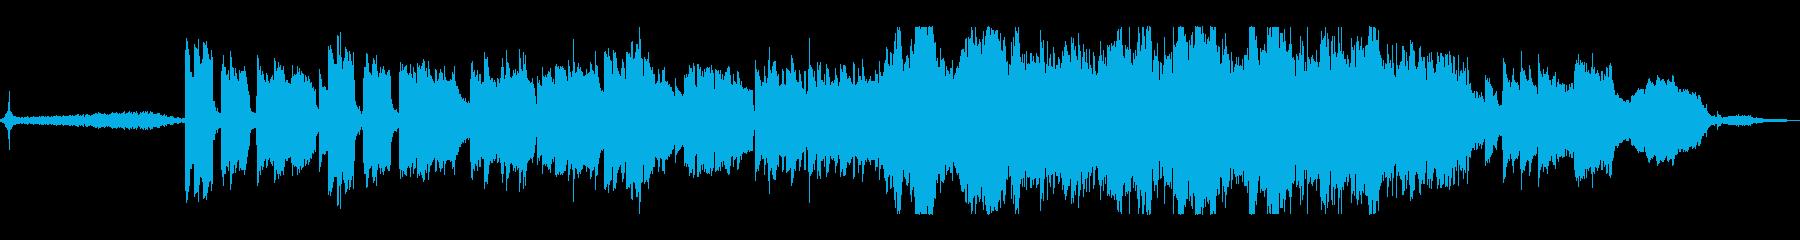 生演奏《篠笛のしっとりした和風の曲》の再生済みの波形